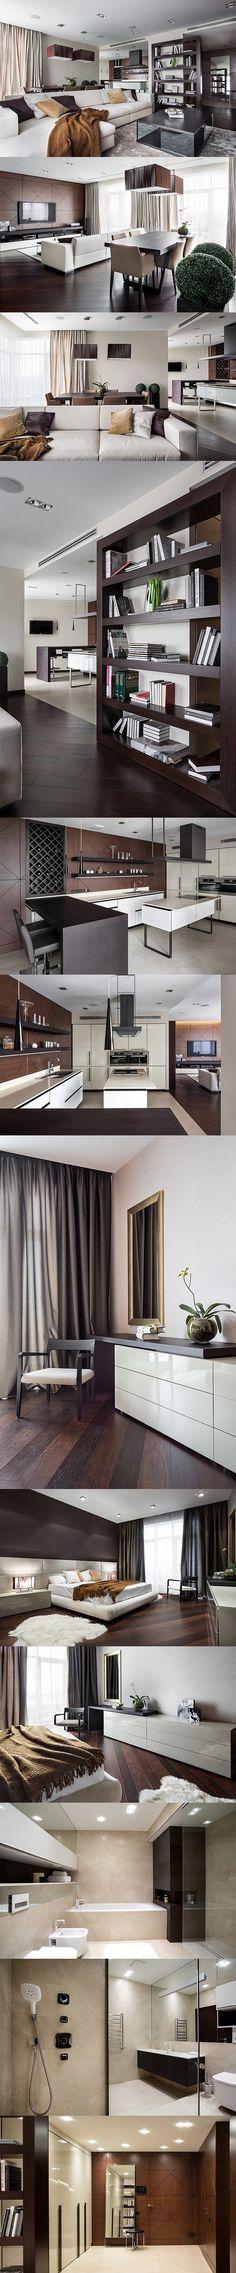 La casa con el diseño que quiero. Simple dinámico y elegante. Combinar con formato loft para lograr una suite y terraza con el plus de un cuarto mas